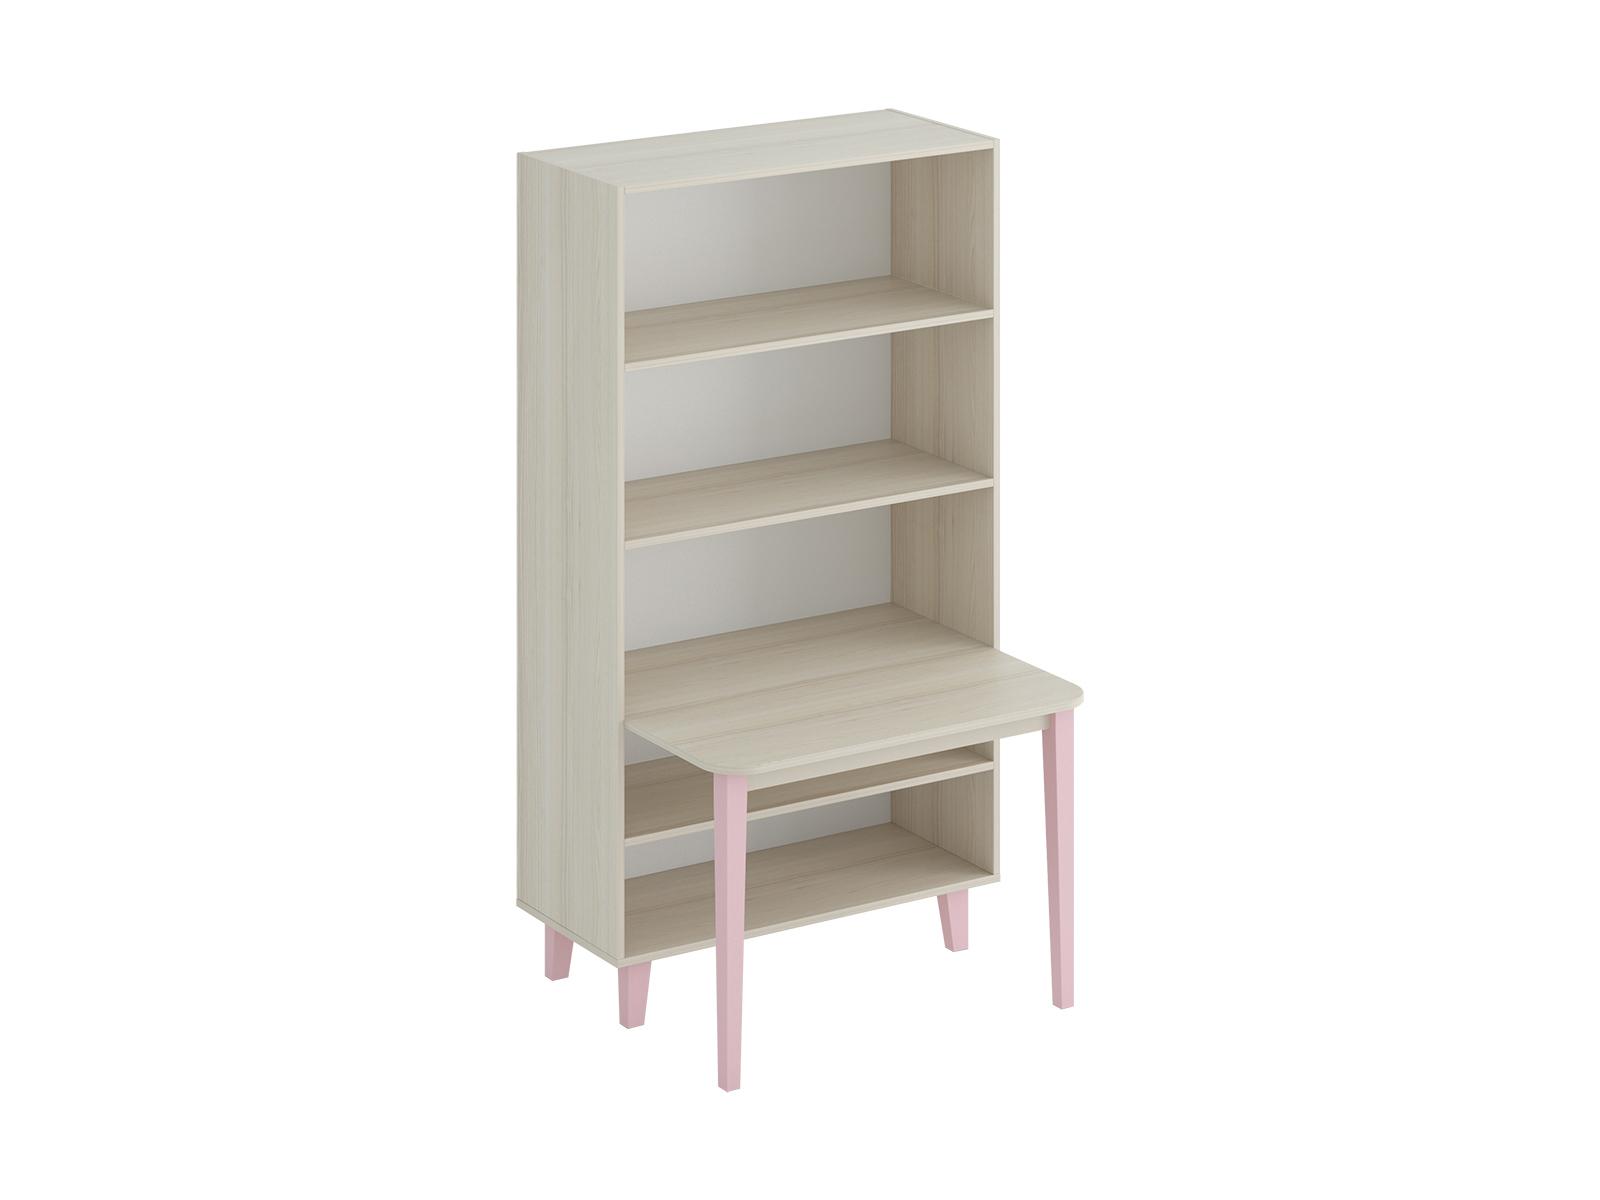 Стеллаж со столом CandyСтеллажи<br>Комбинация стеллажа со столом. Рекомендуемая высота сидения стула 340 мм.<br>